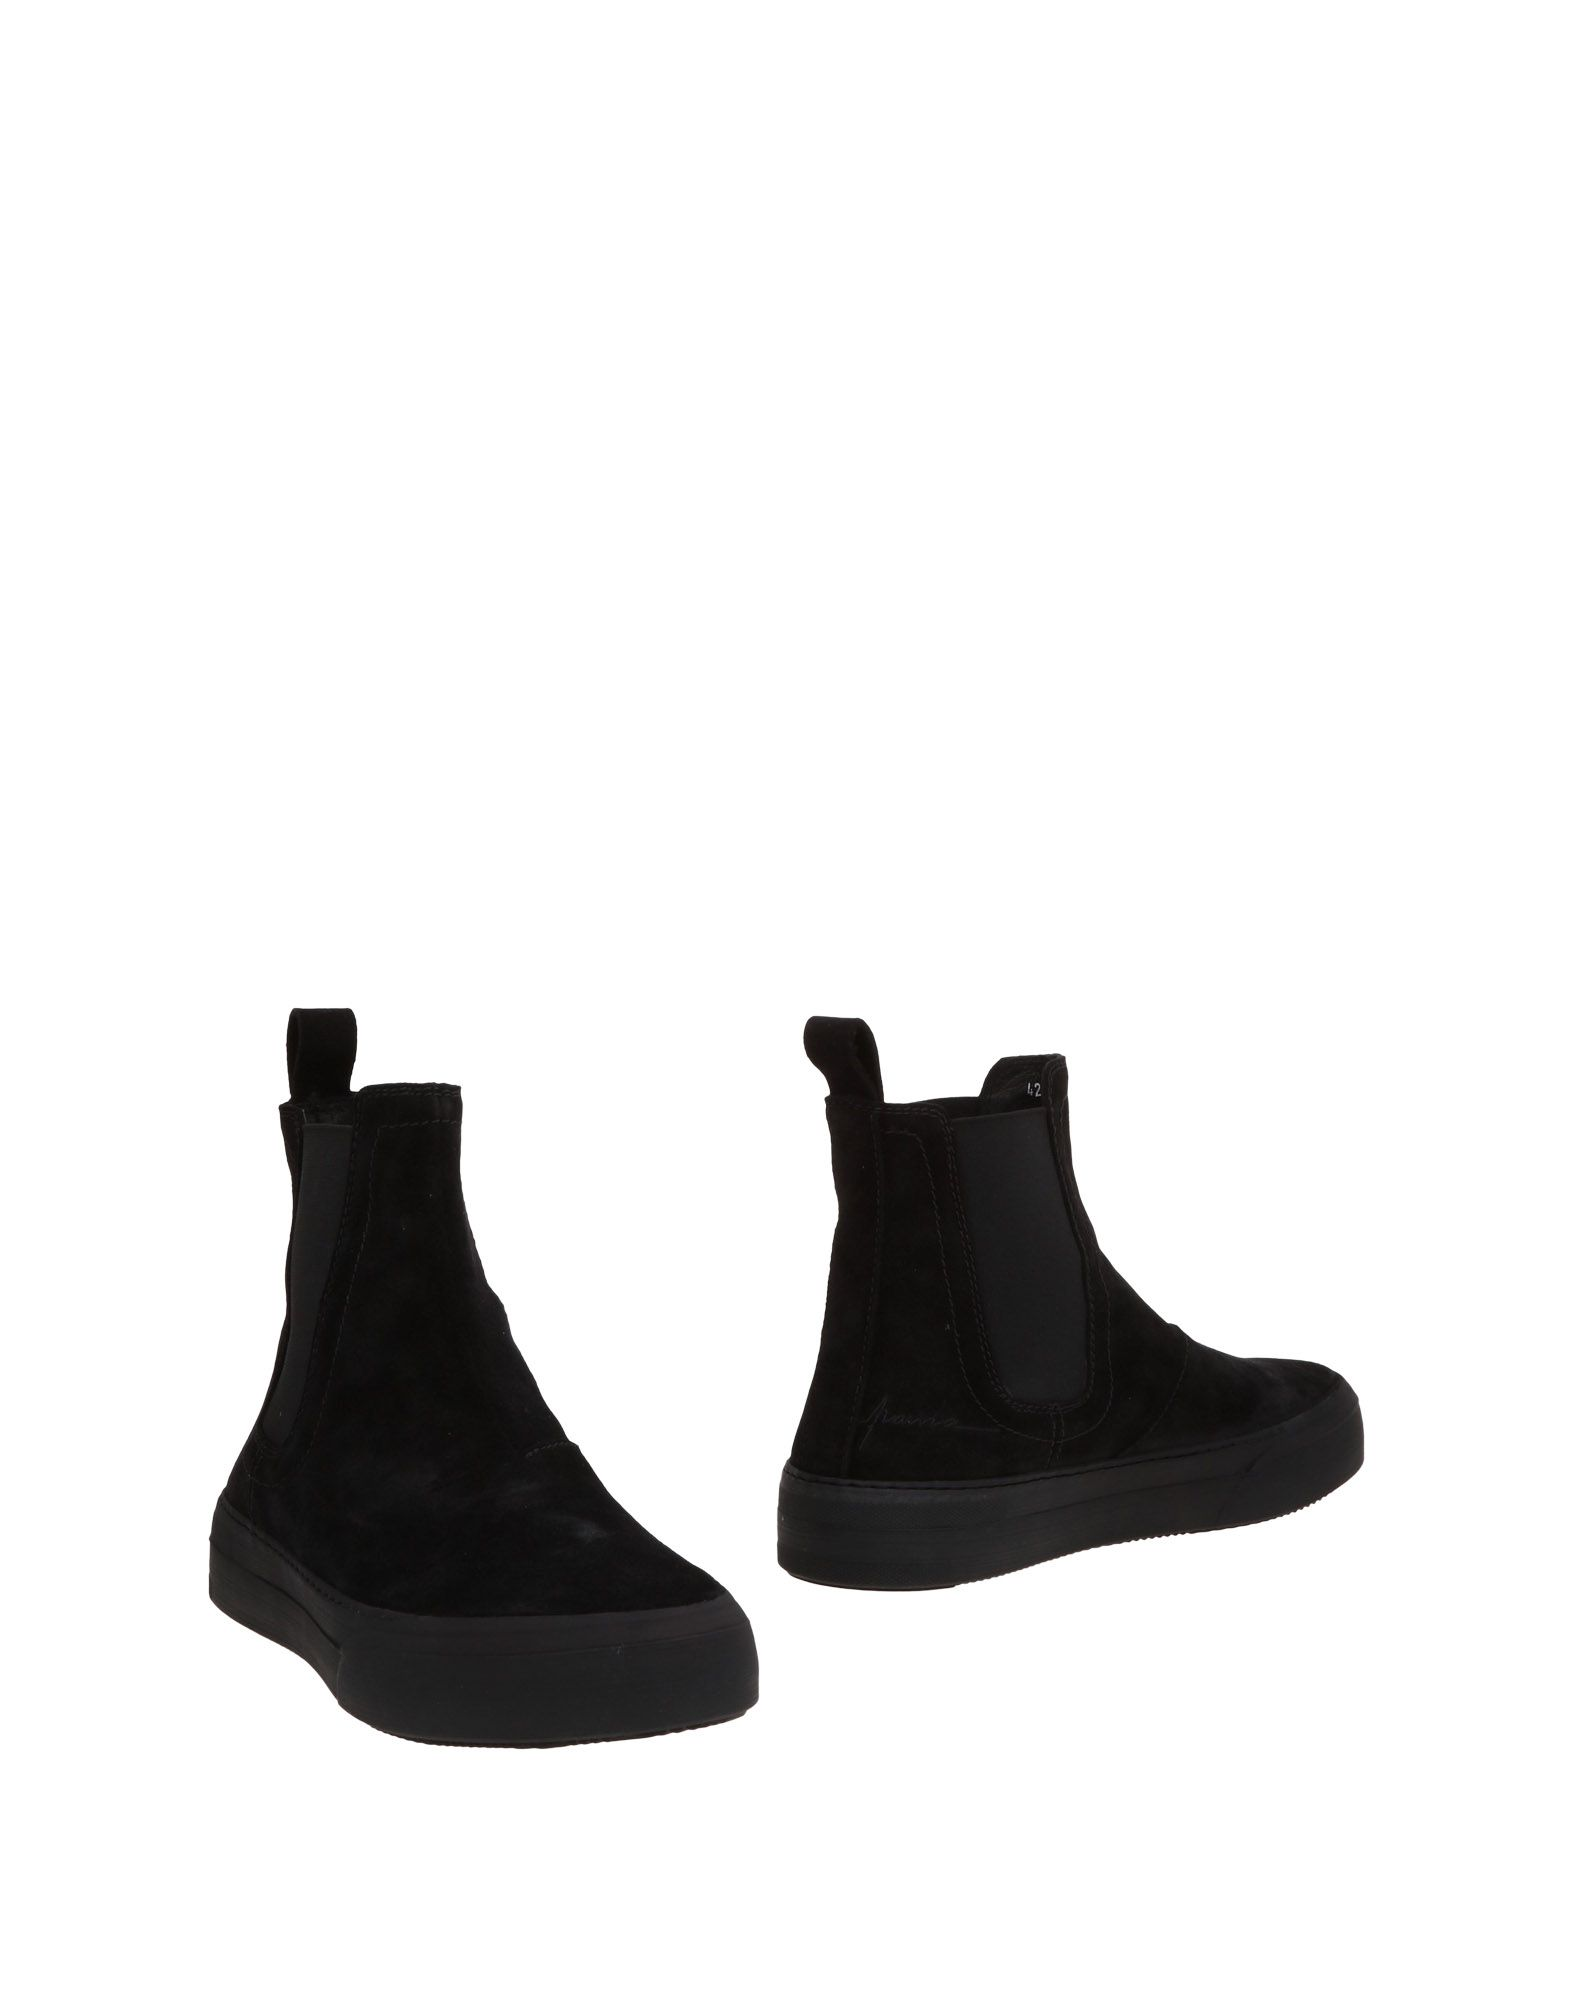 《送料無料》PAURA メンズ ショートブーツ ブラック 48 革